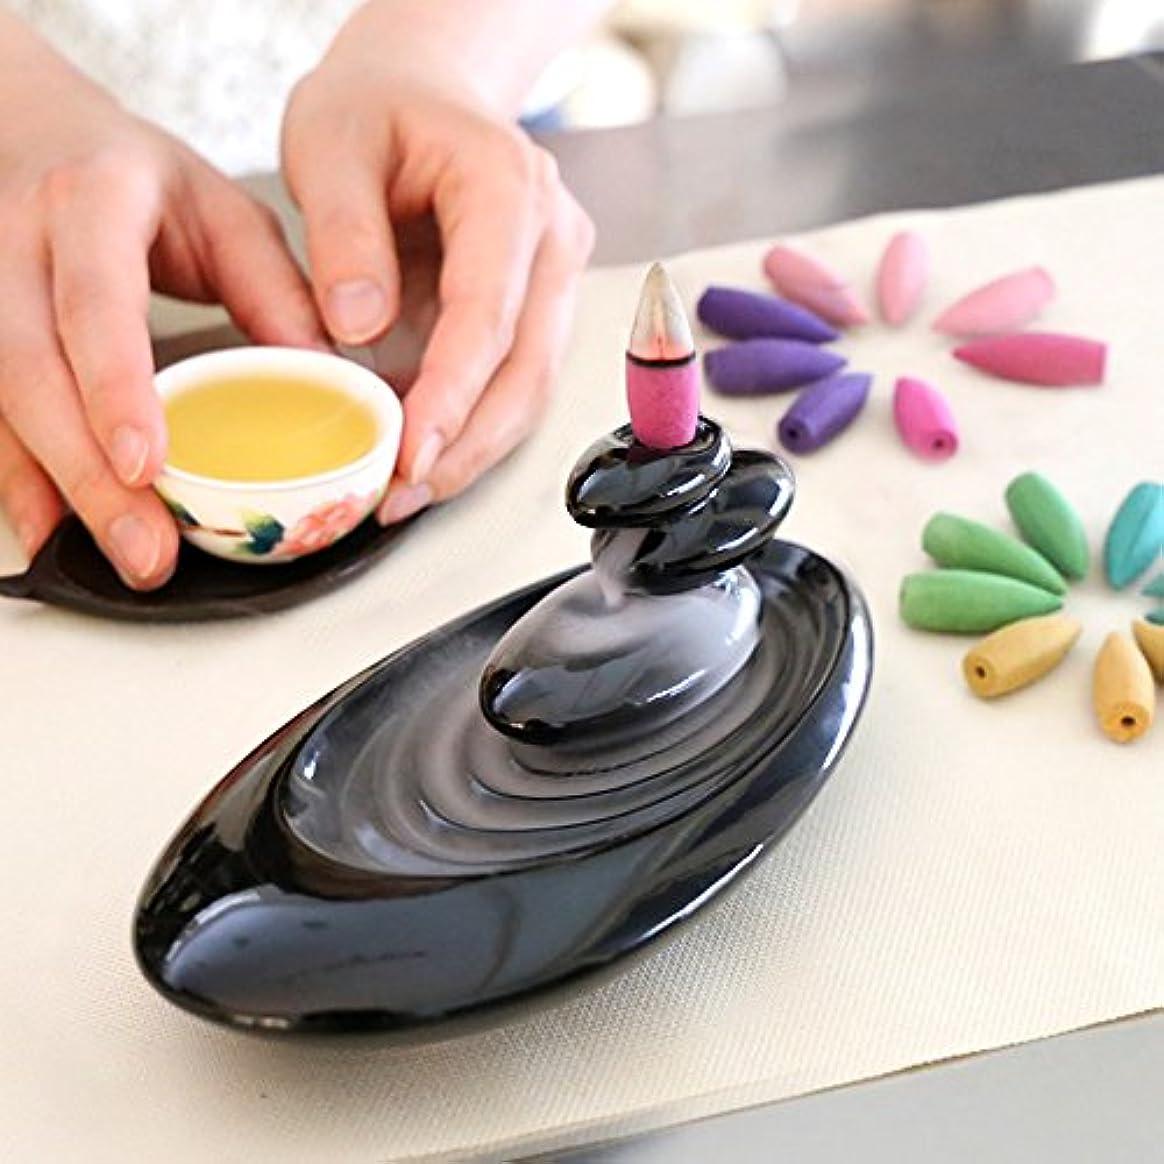 誕生日 プレゼント アロマインセンス 6種の香り の アロマ香炉 BOX 逆流香 (誕生日カード)